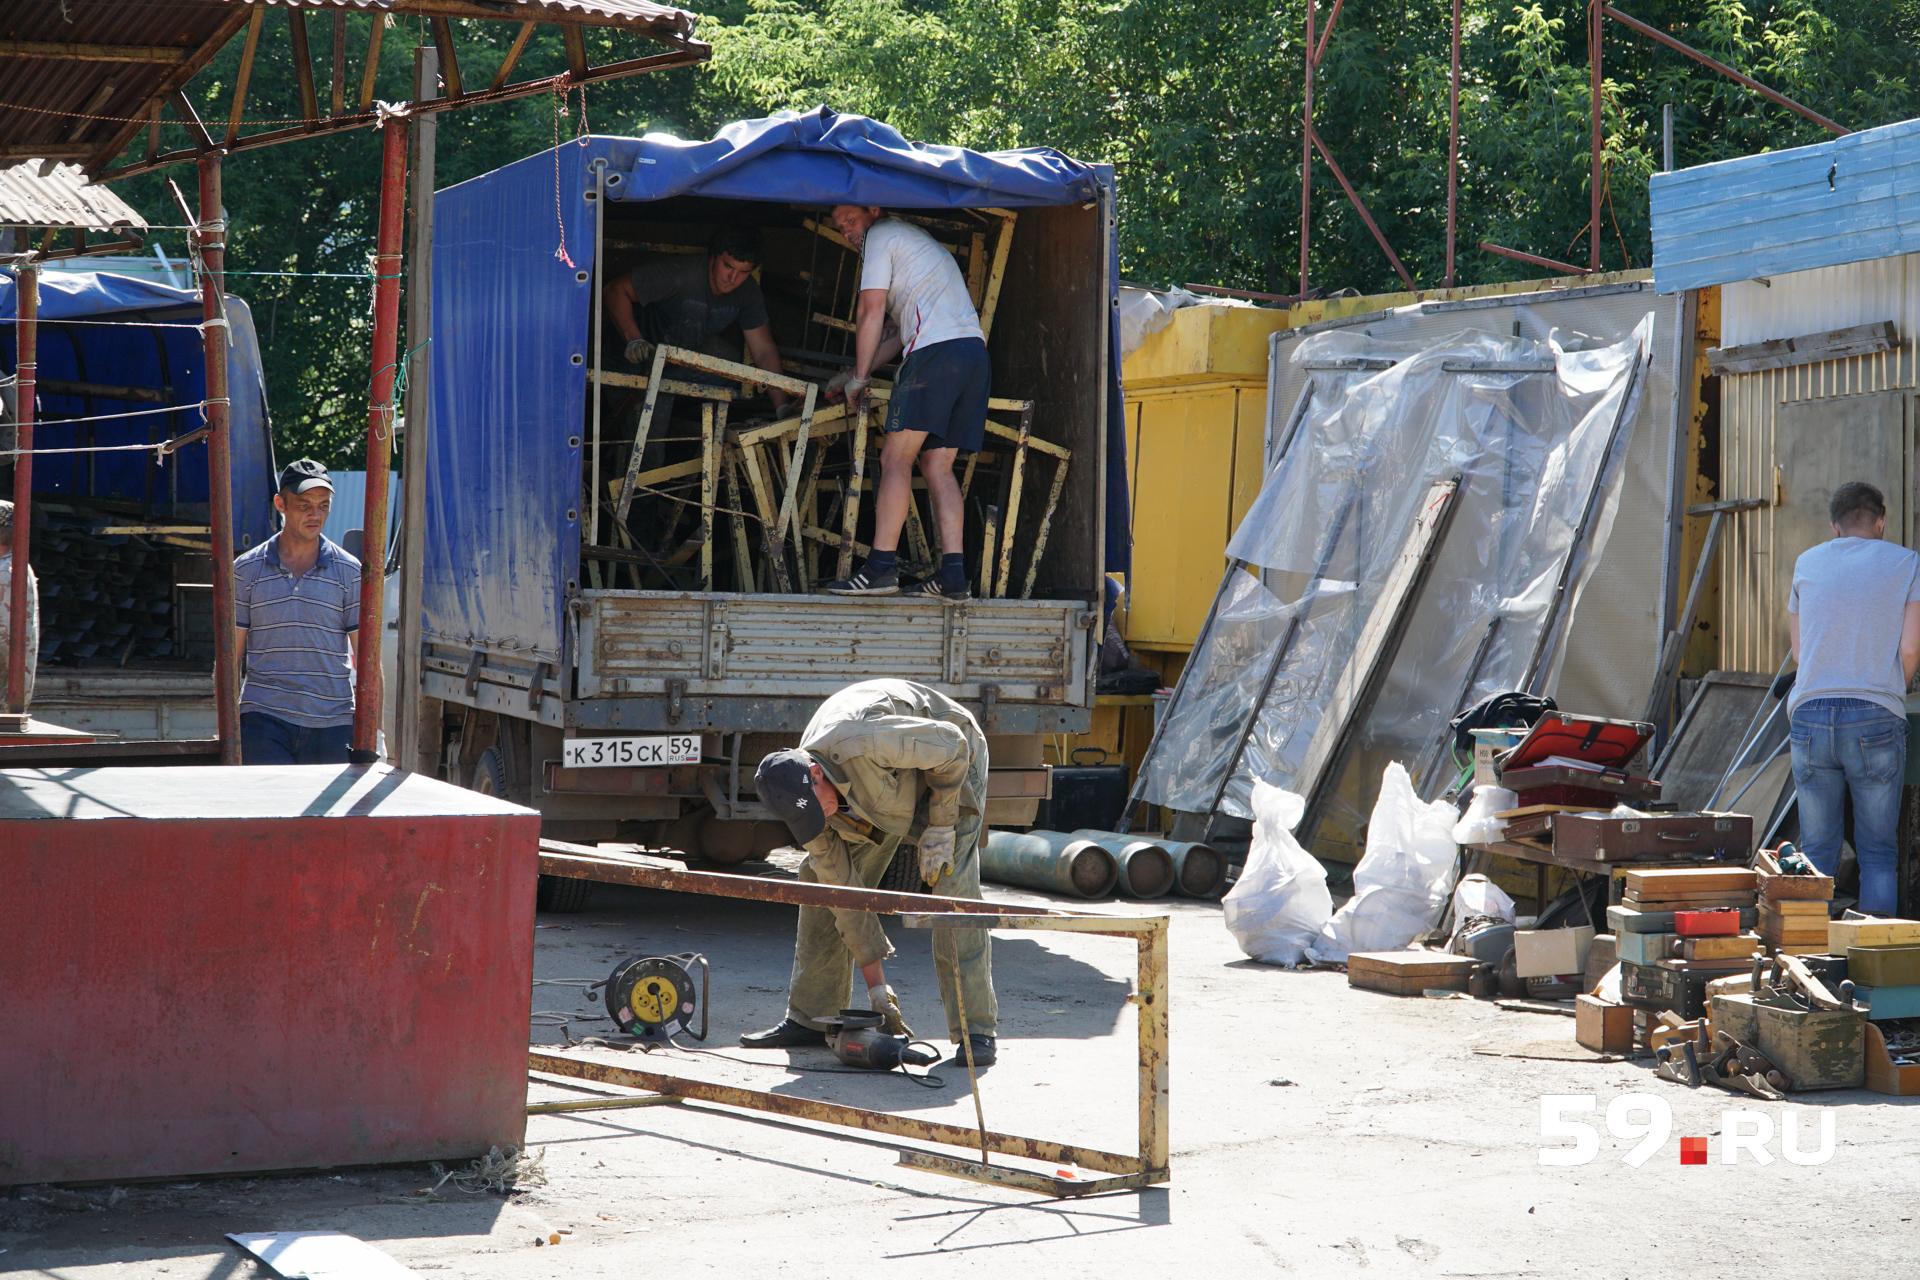 Владельцев торговых палаток здесь попросили собрать товары и покинуть территорию до 1 августа